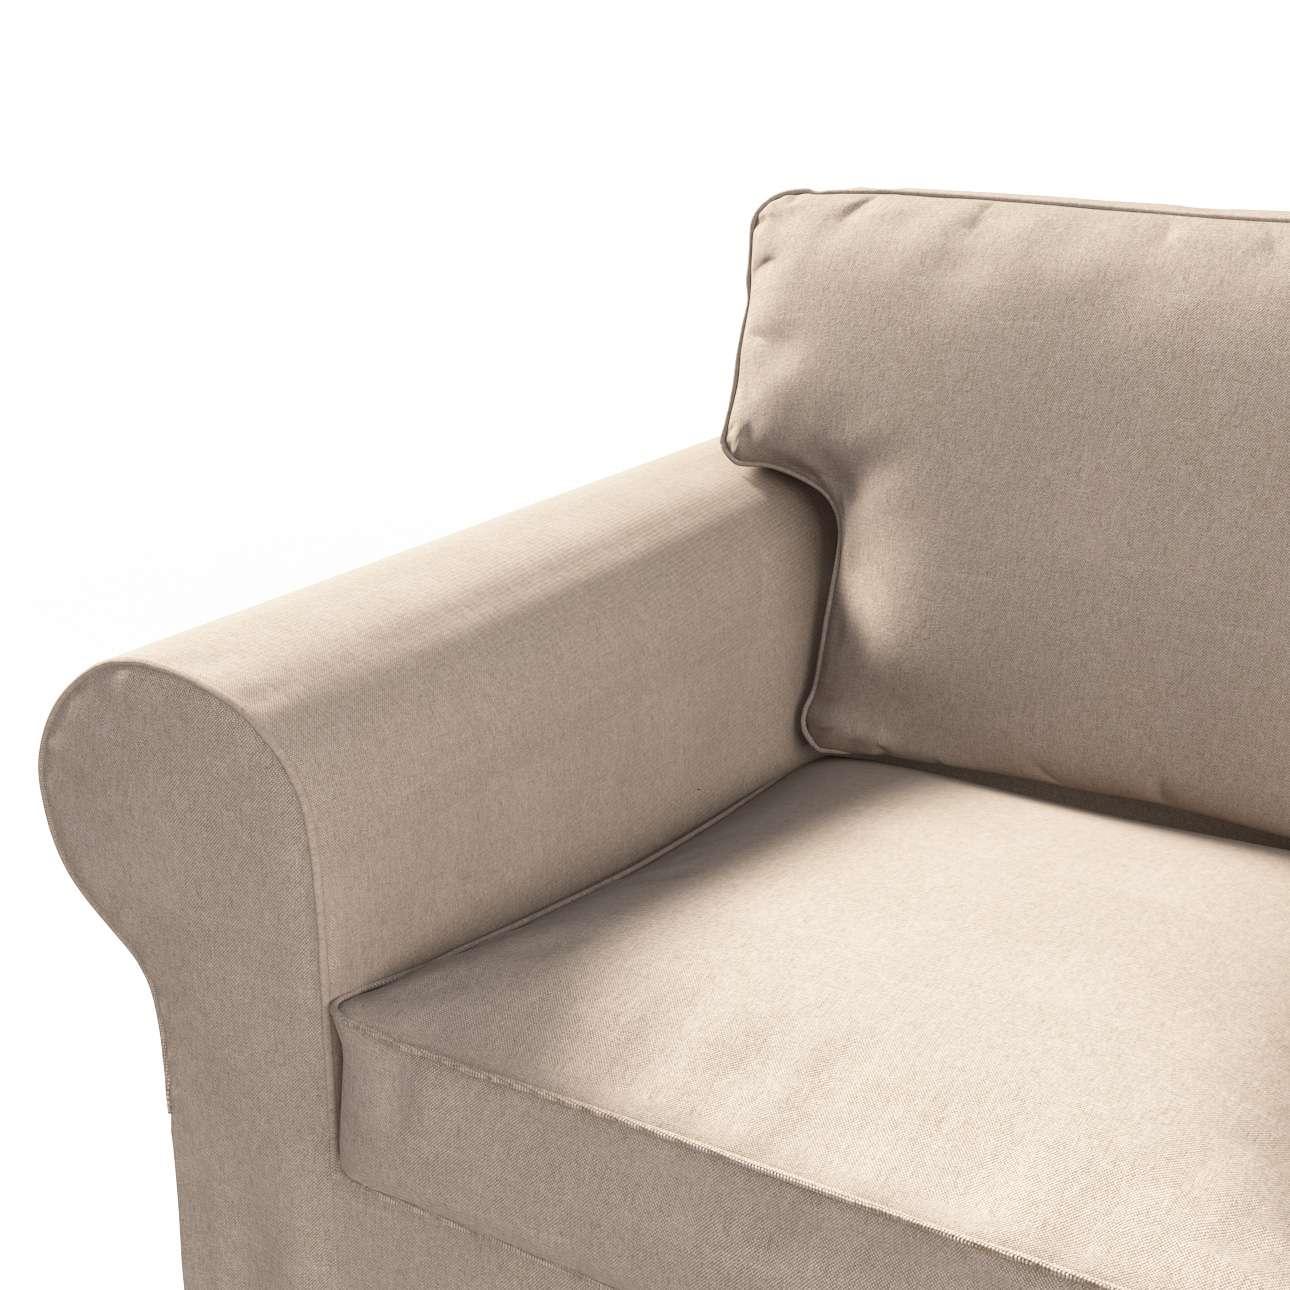 Ektorp dvivietės sofos užvalkalas Ektorp dvivietės sofos užvalkalas kolekcijoje Etna , audinys: 705-09